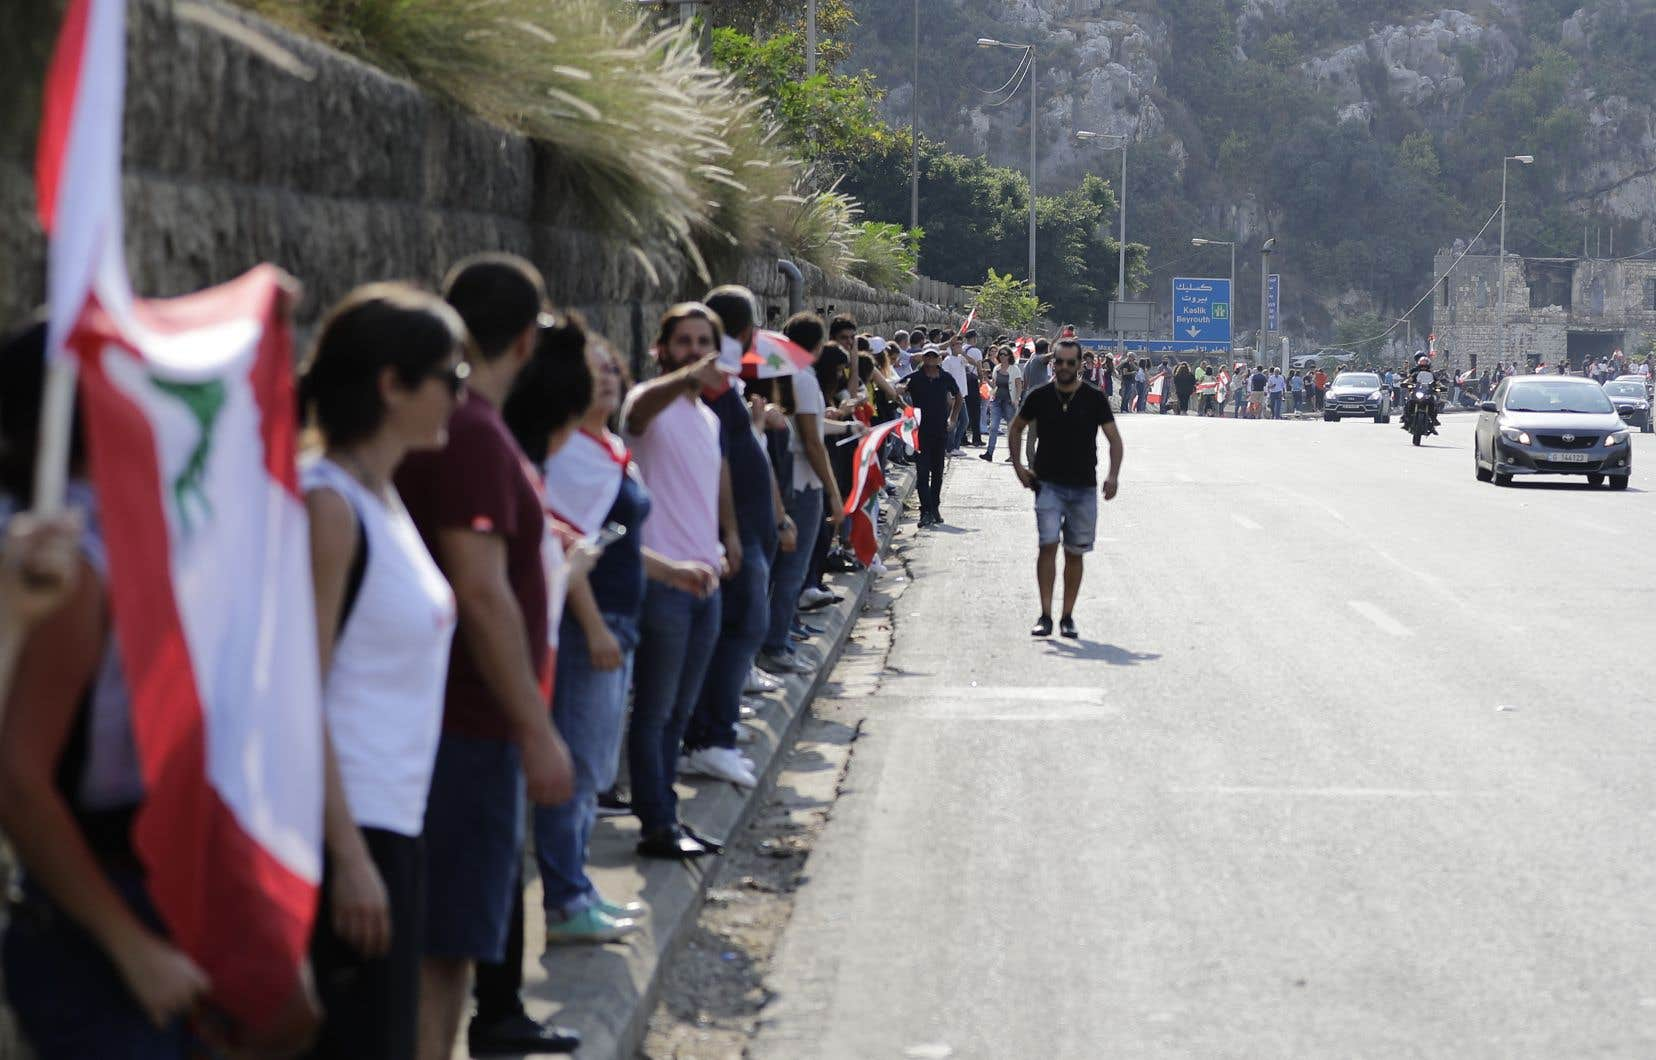 Rejoignant à pied, en voiture, à vélo ou à moto l'autoroute qui longe le pays en bord de Méditerranée, hommes, femmes et enfants se sont retrouvés pour se tenir la main en agitant des drapeaux libanais.